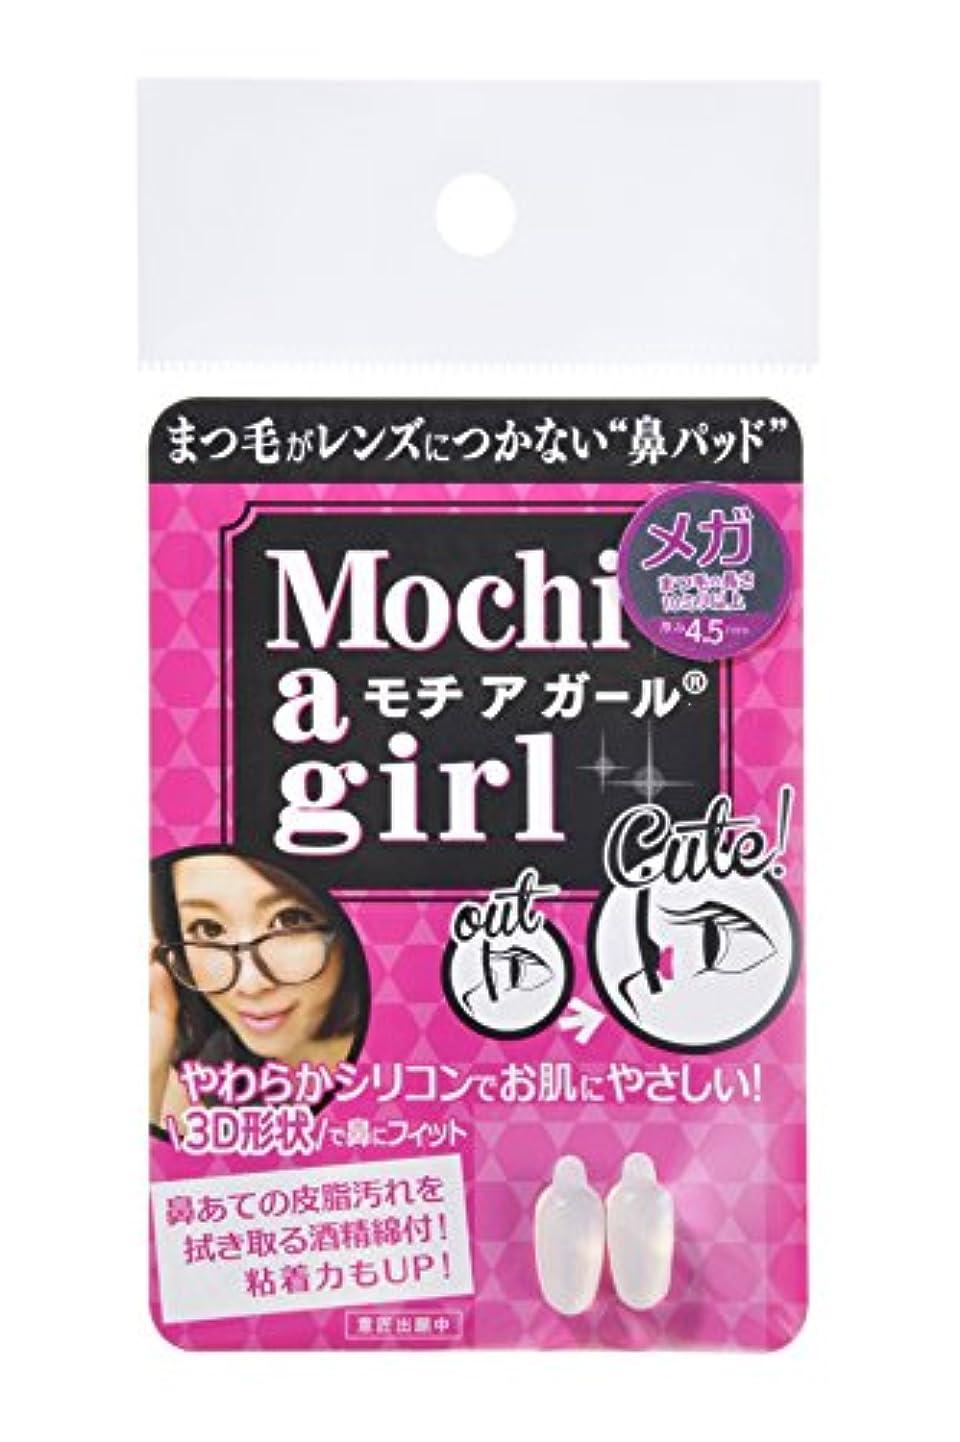 スーダンチョコレート食料品店モチアガール メガ 【厚み4.5mm】